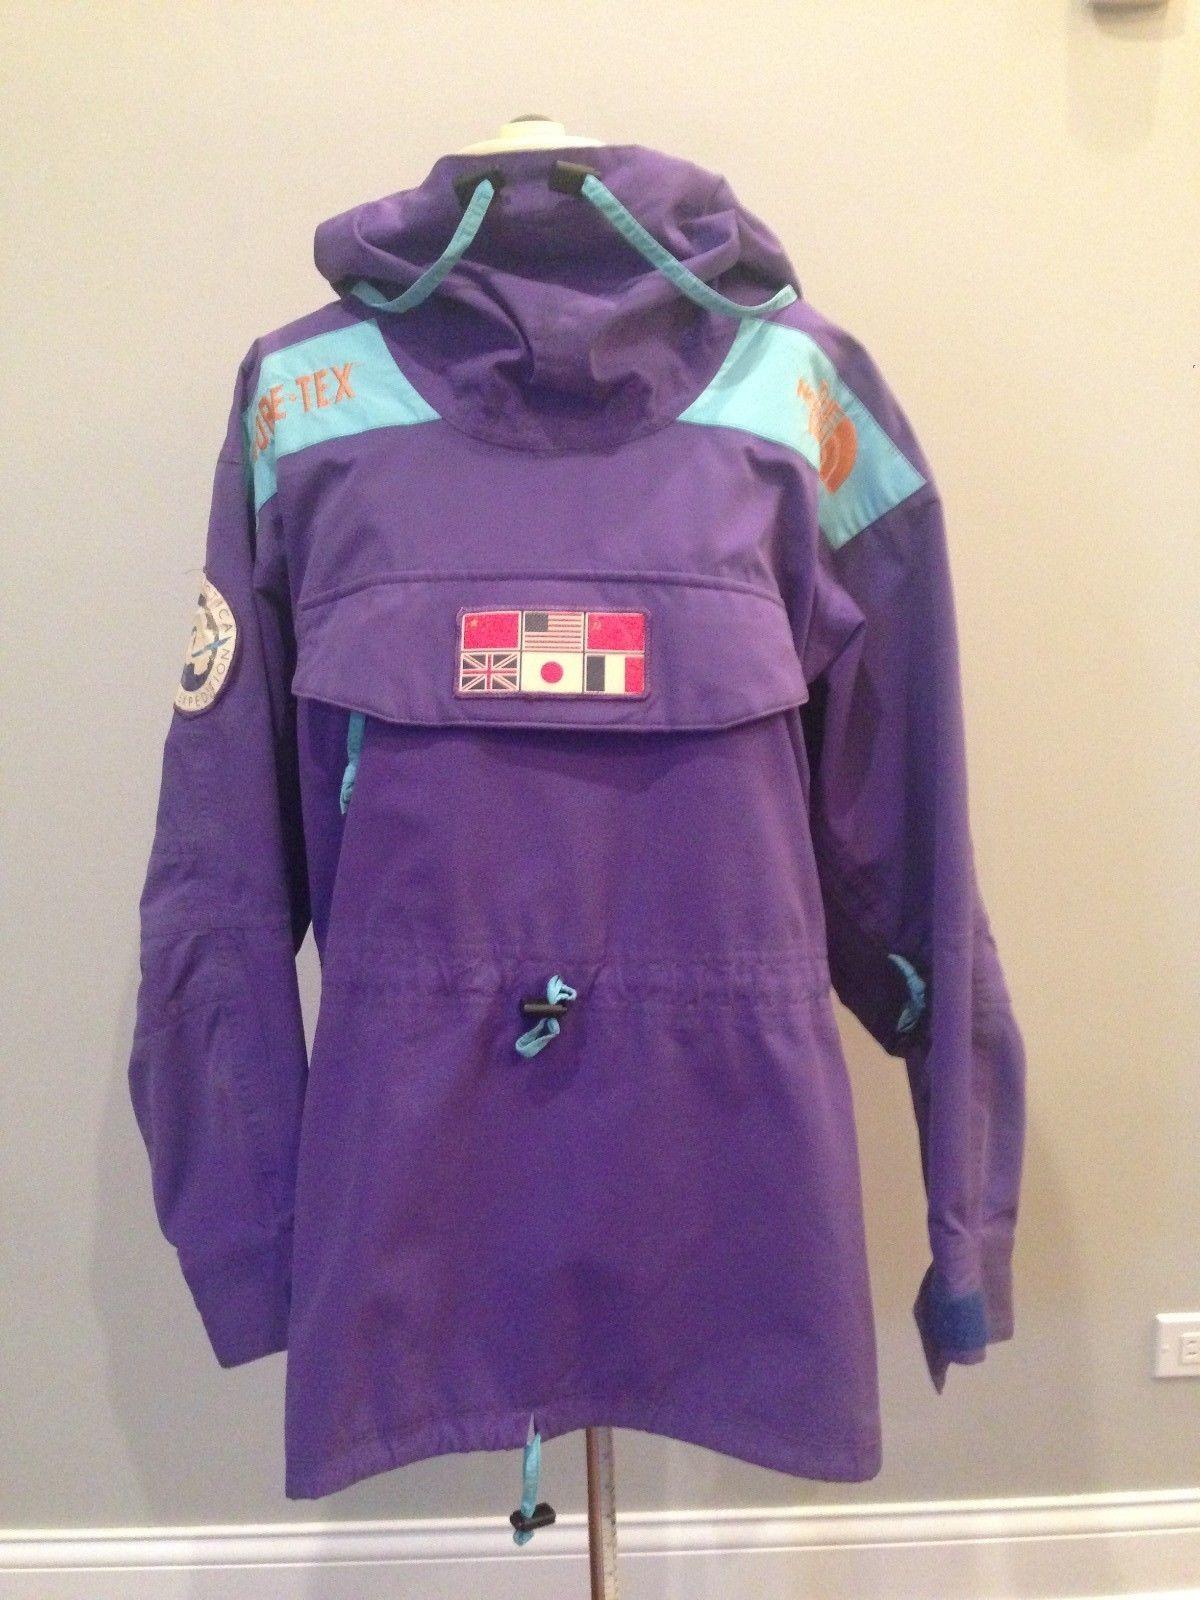 Und Anziehen Tnf Pullover In Tae Purple 1990 2019Anziehsachen yb6gY7Ifv